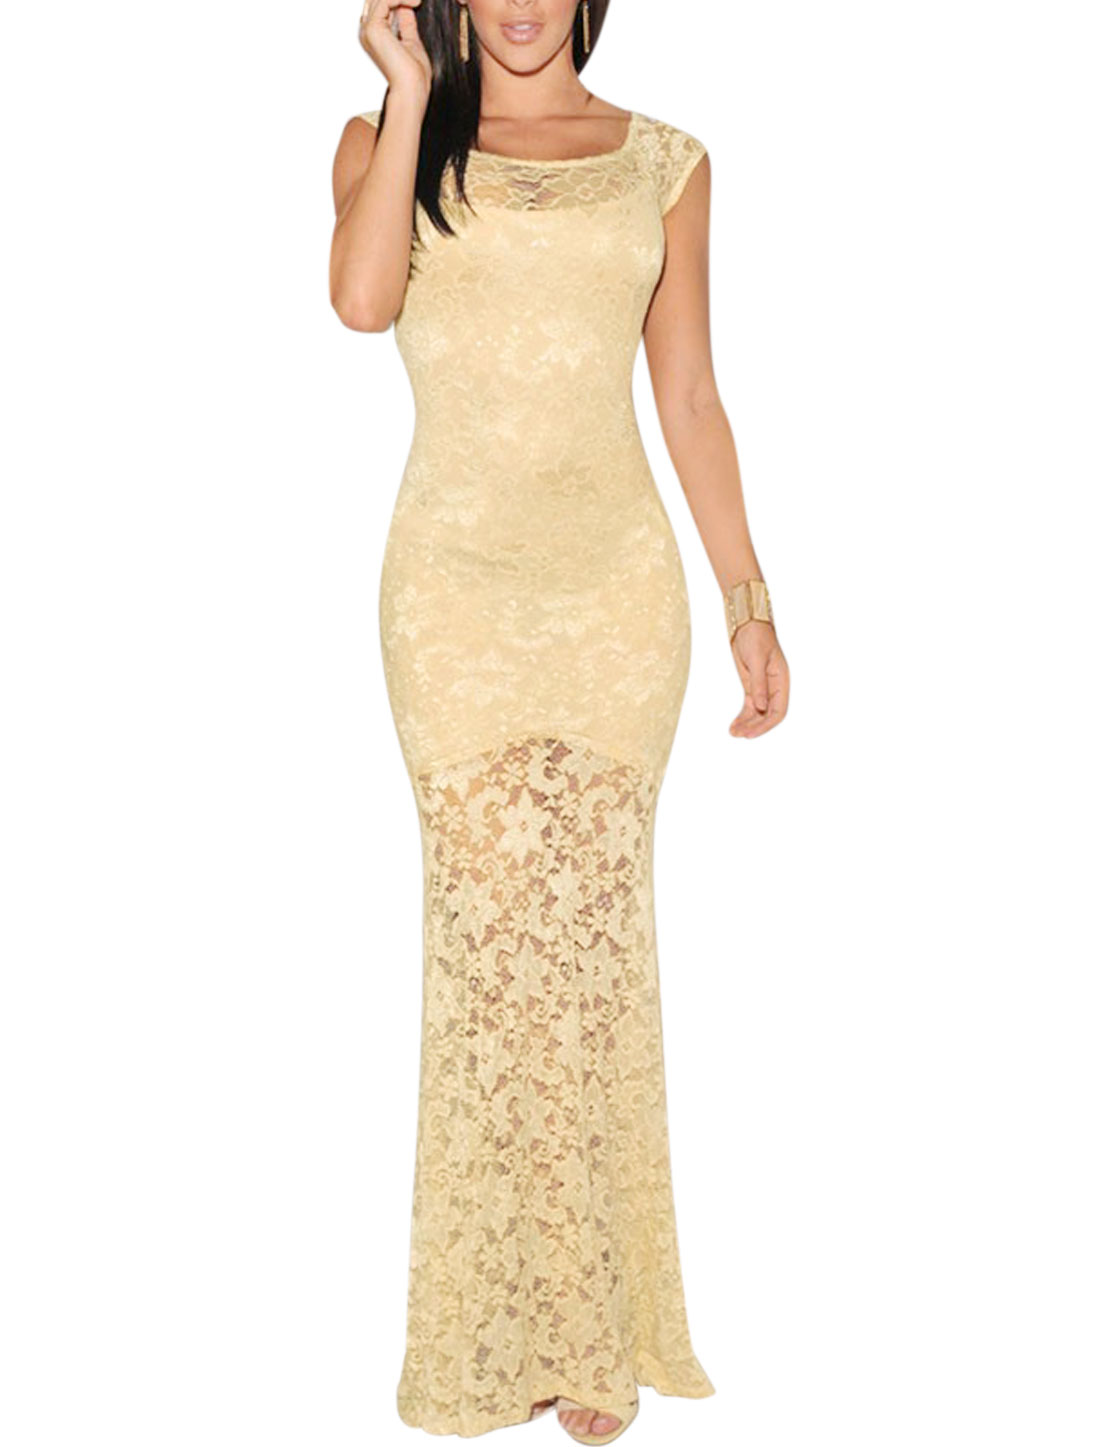 Ladies Floral Design Scoop Neck Lace Bodycon Maxi Dress Beige XS